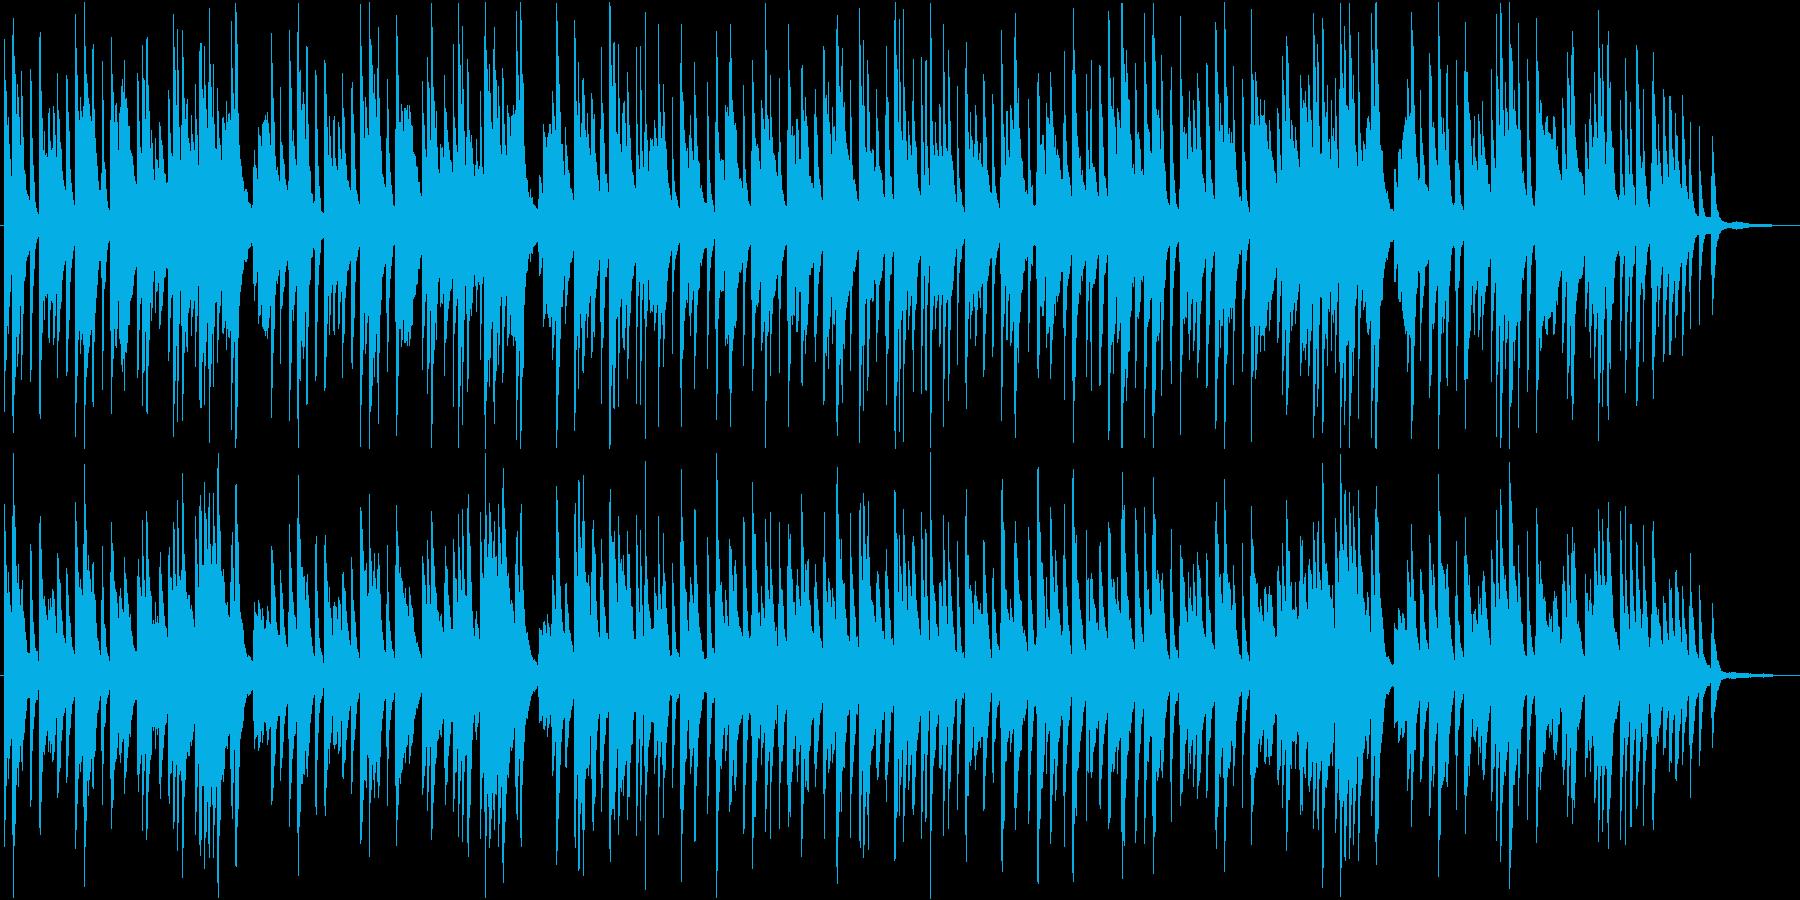 冬の日曜の朝のような雰囲気のピアノBGMの再生済みの波形